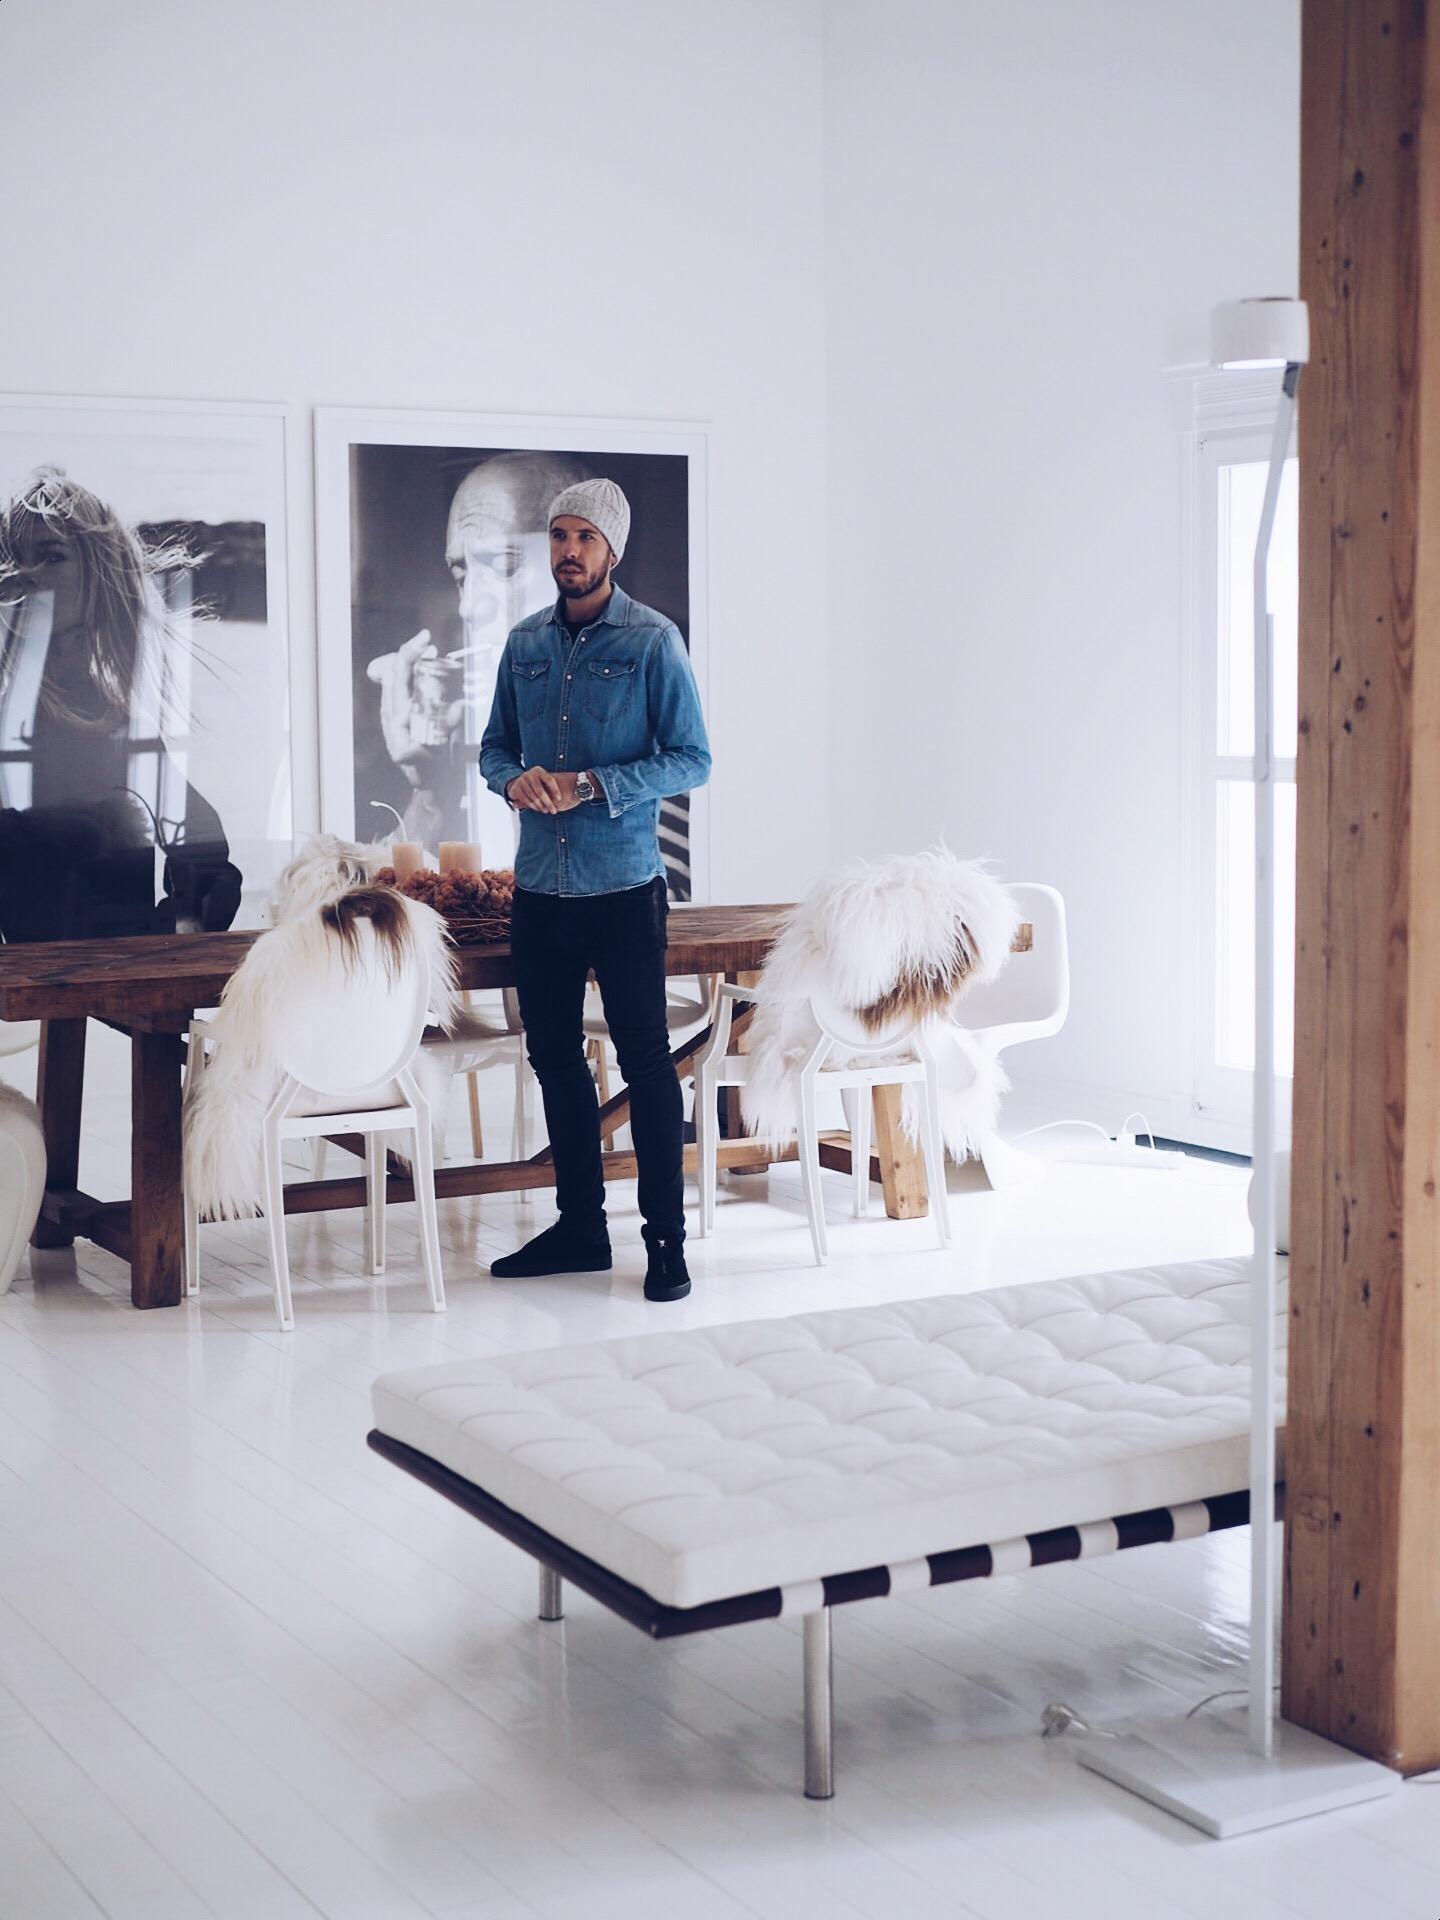 erste gedanken zum eigen heim der bauherren service der telekom. Black Bedroom Furniture Sets. Home Design Ideas